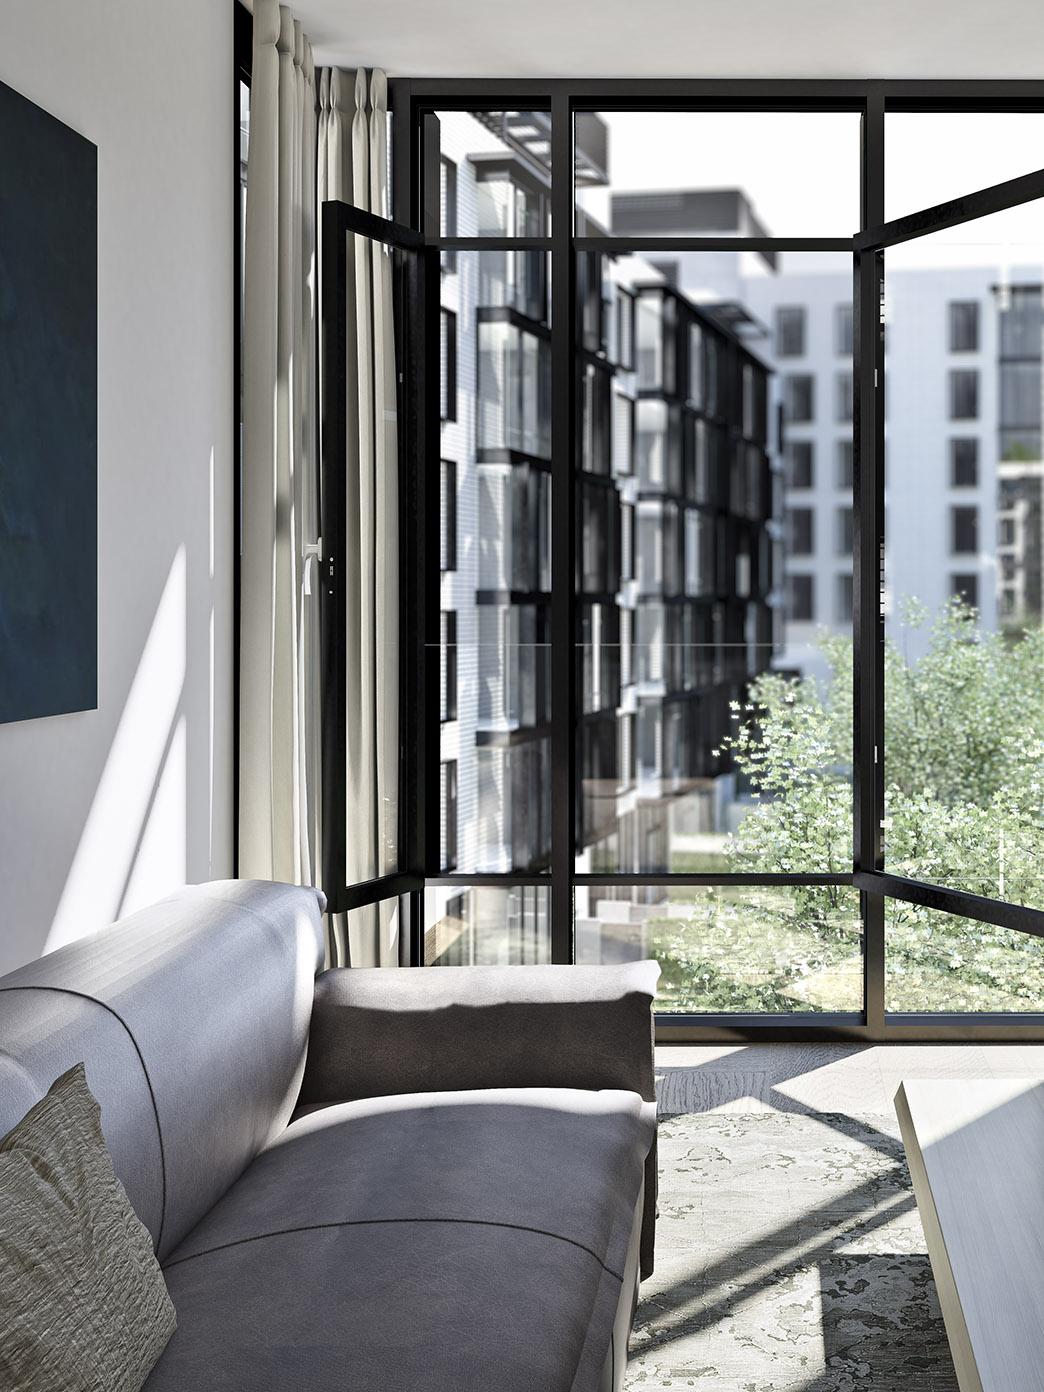 Luxury condominiums Oosten in New York City